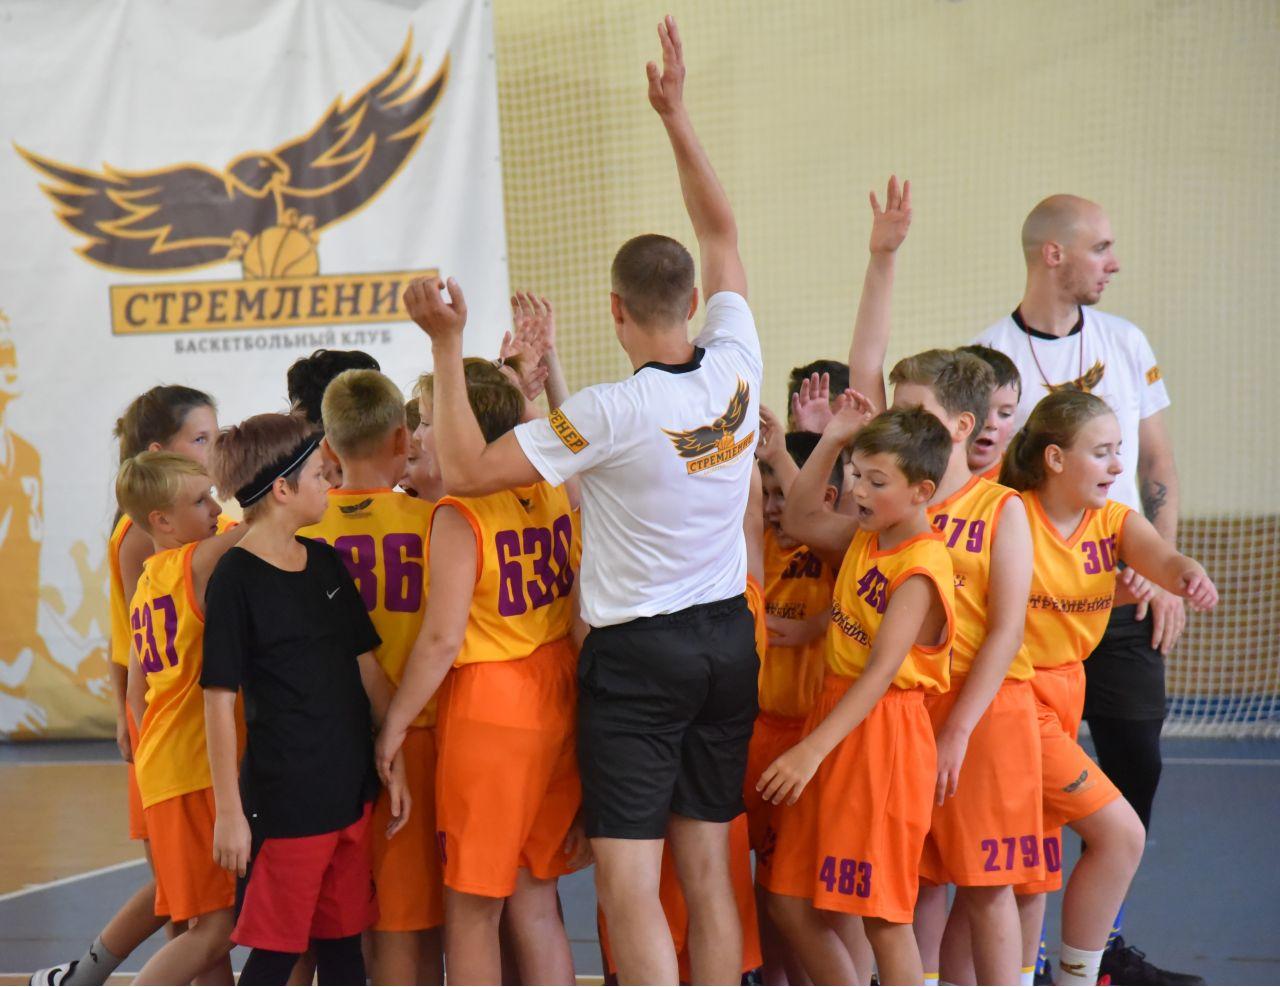 БК Стремление. Баскетбольные сборы — Пересвет